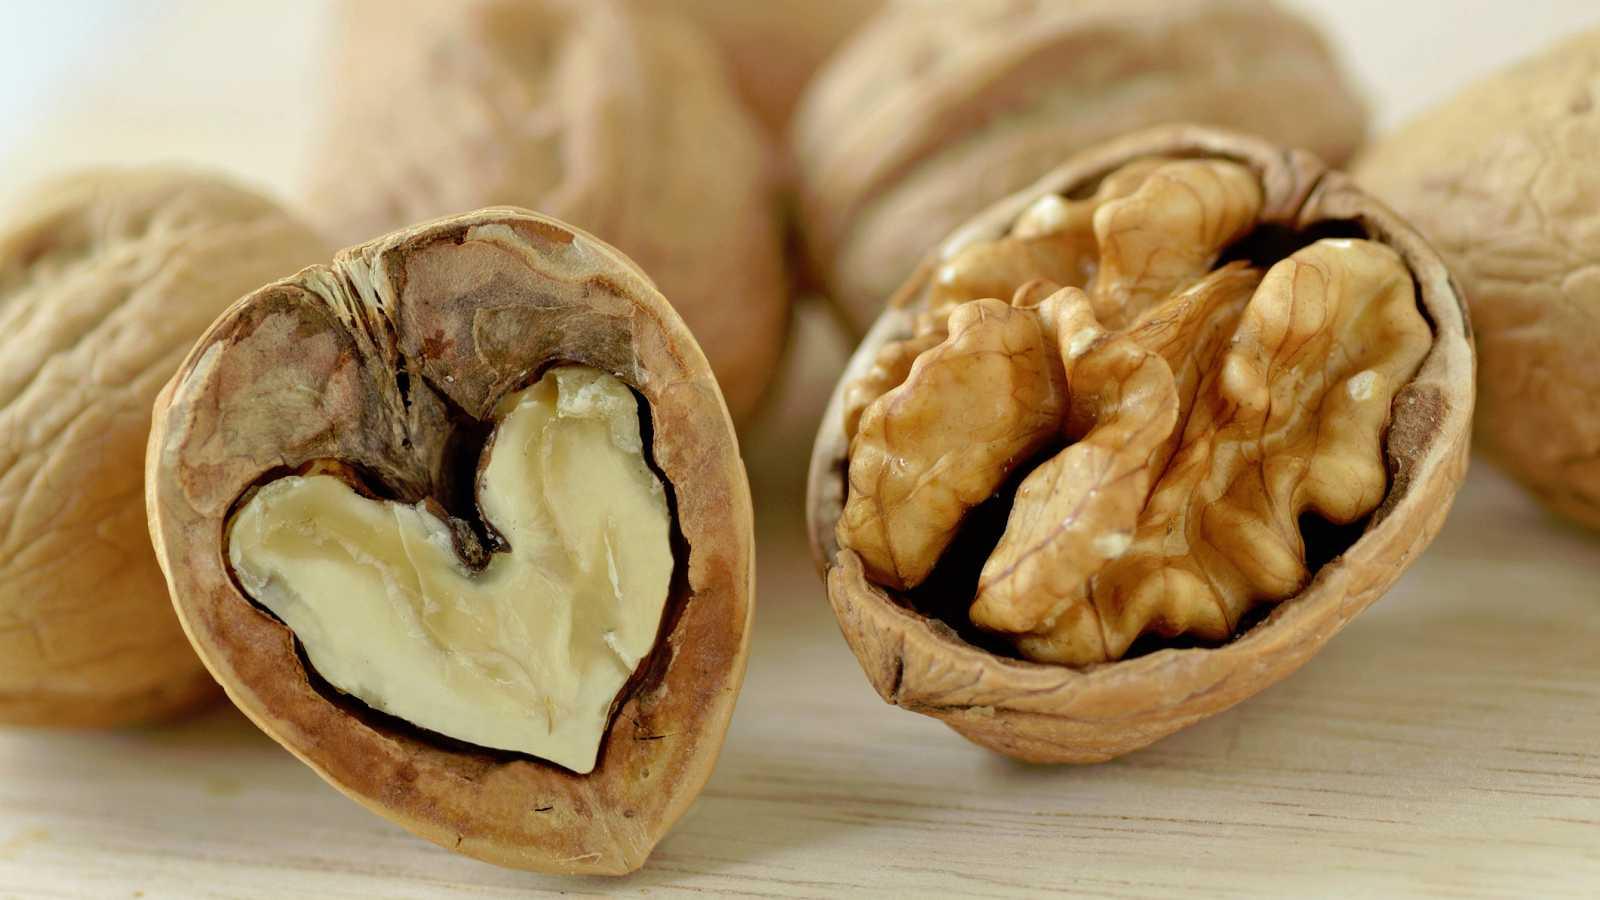 Nuevos estudios demuestran que los beneficios para la salud de las nueces son múltiples.